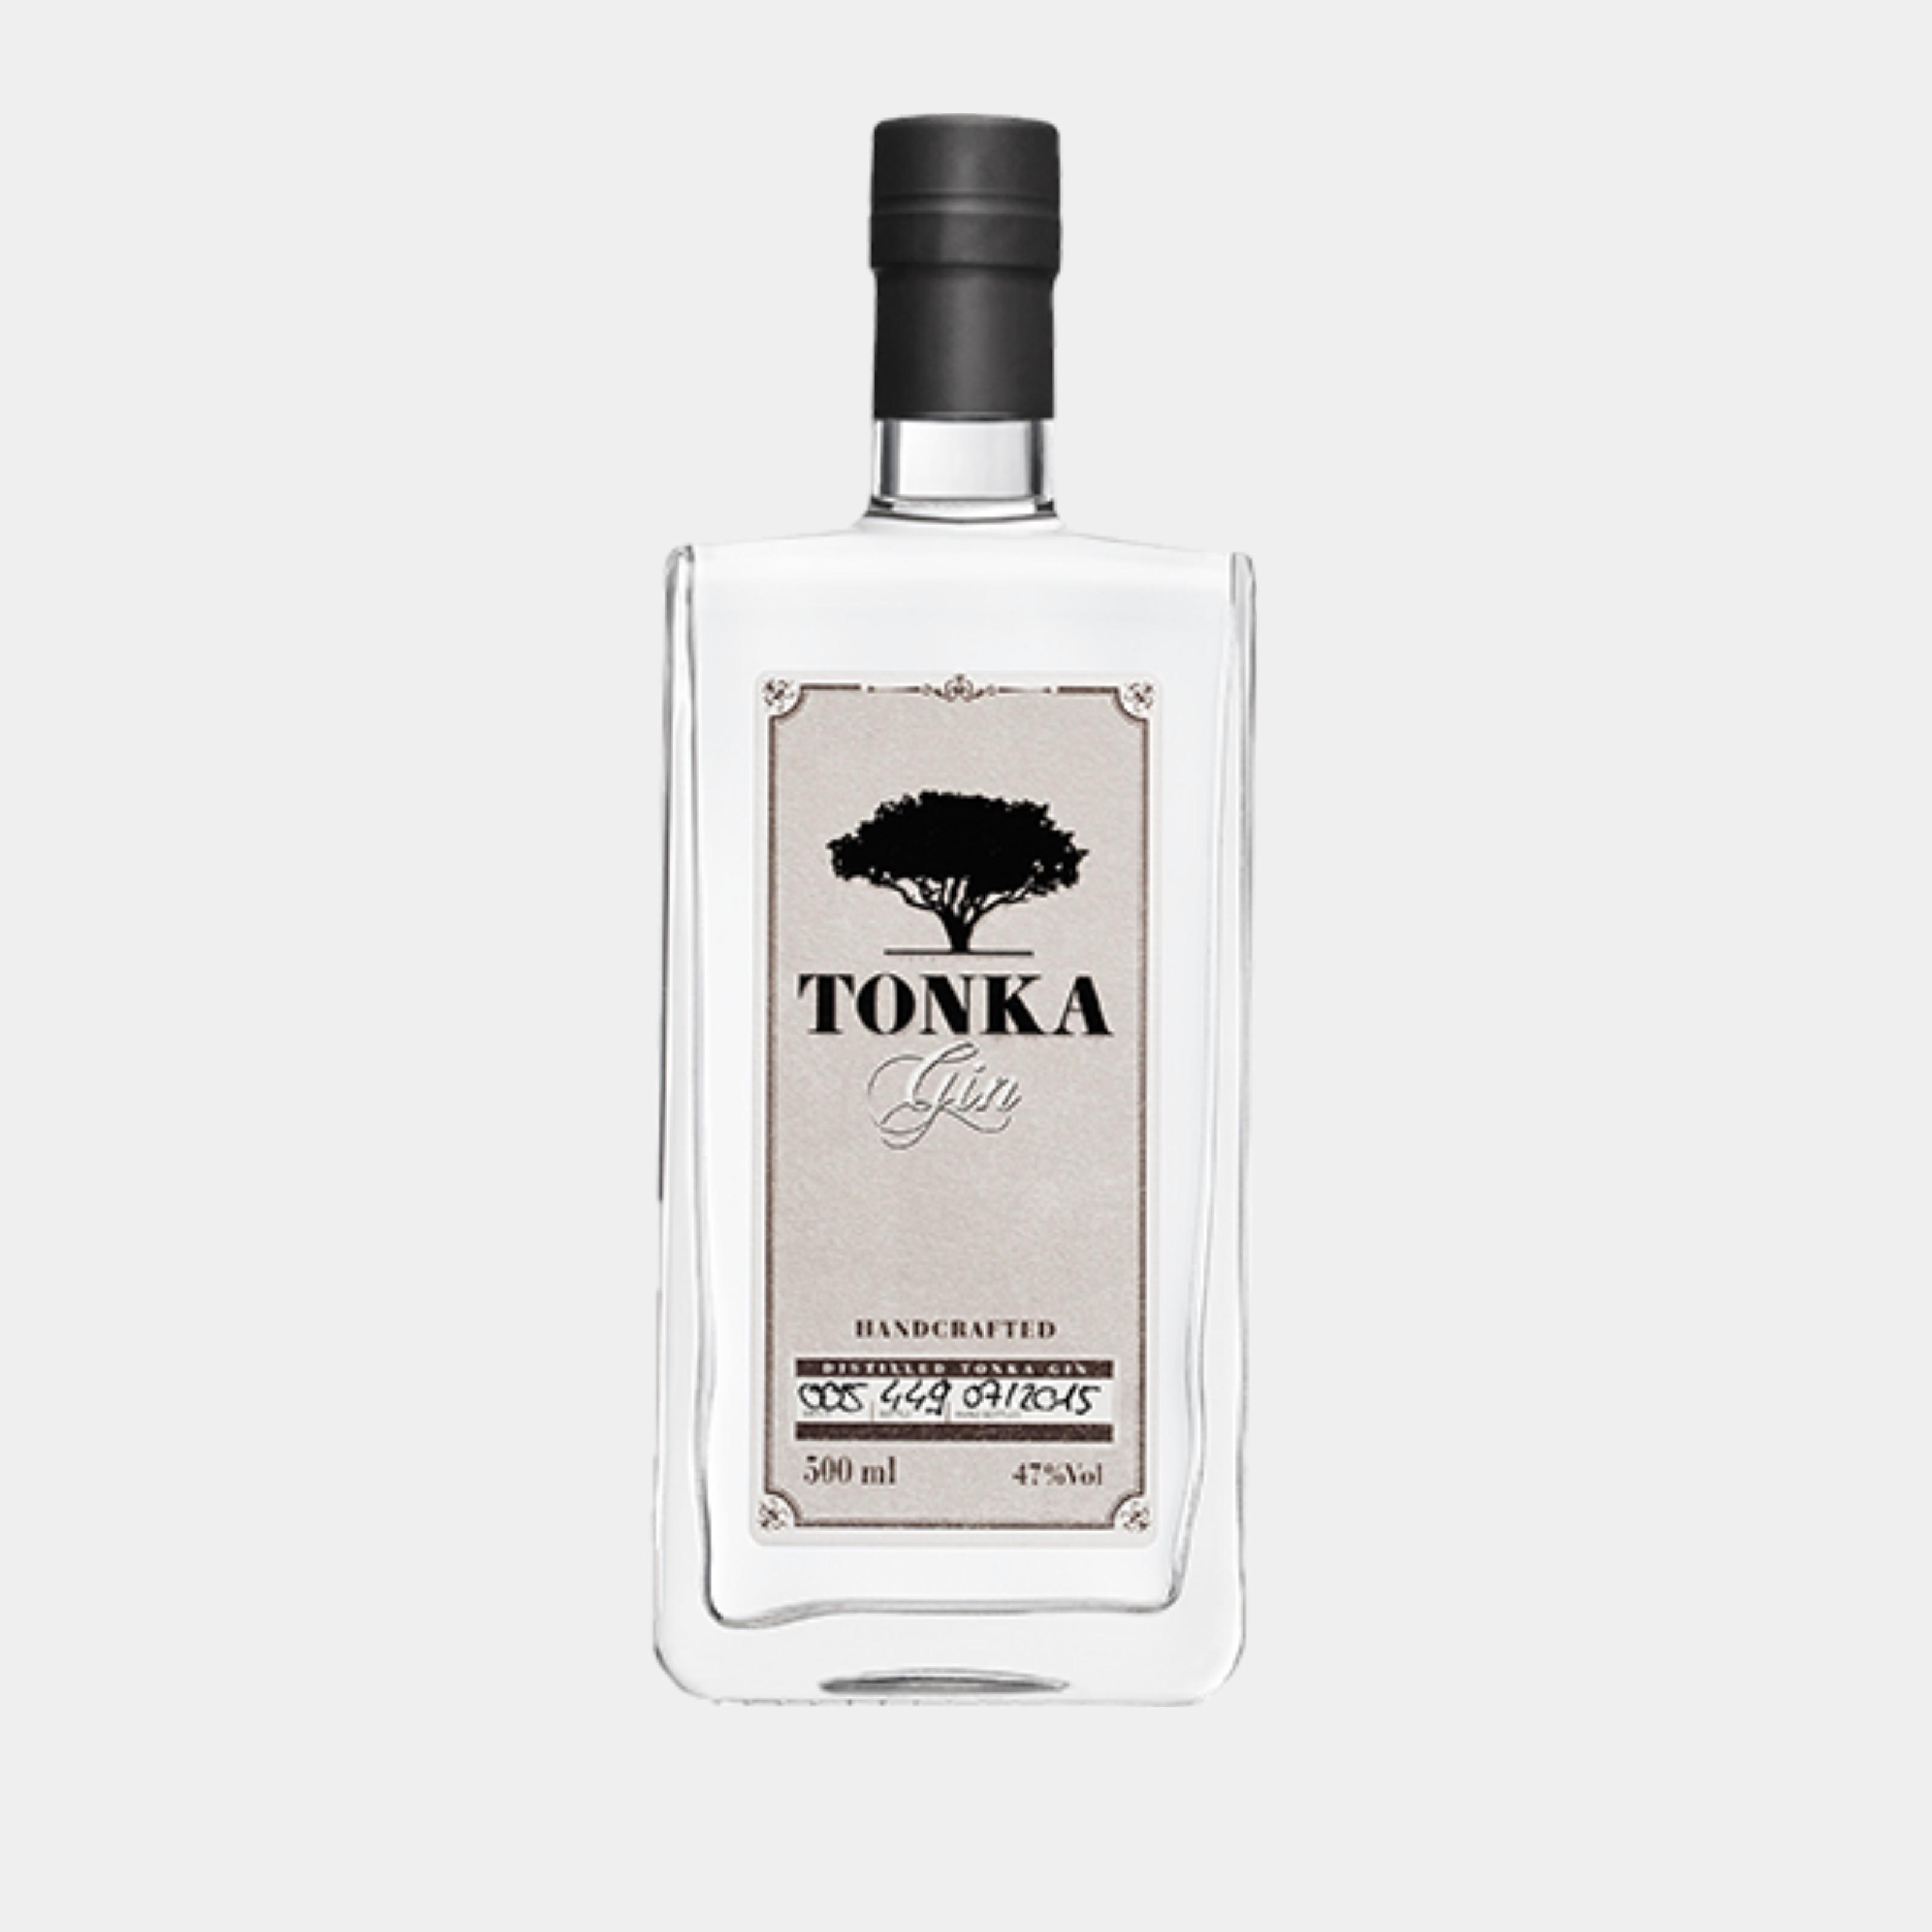 Tonka Gin 0.5L 47% Alk.